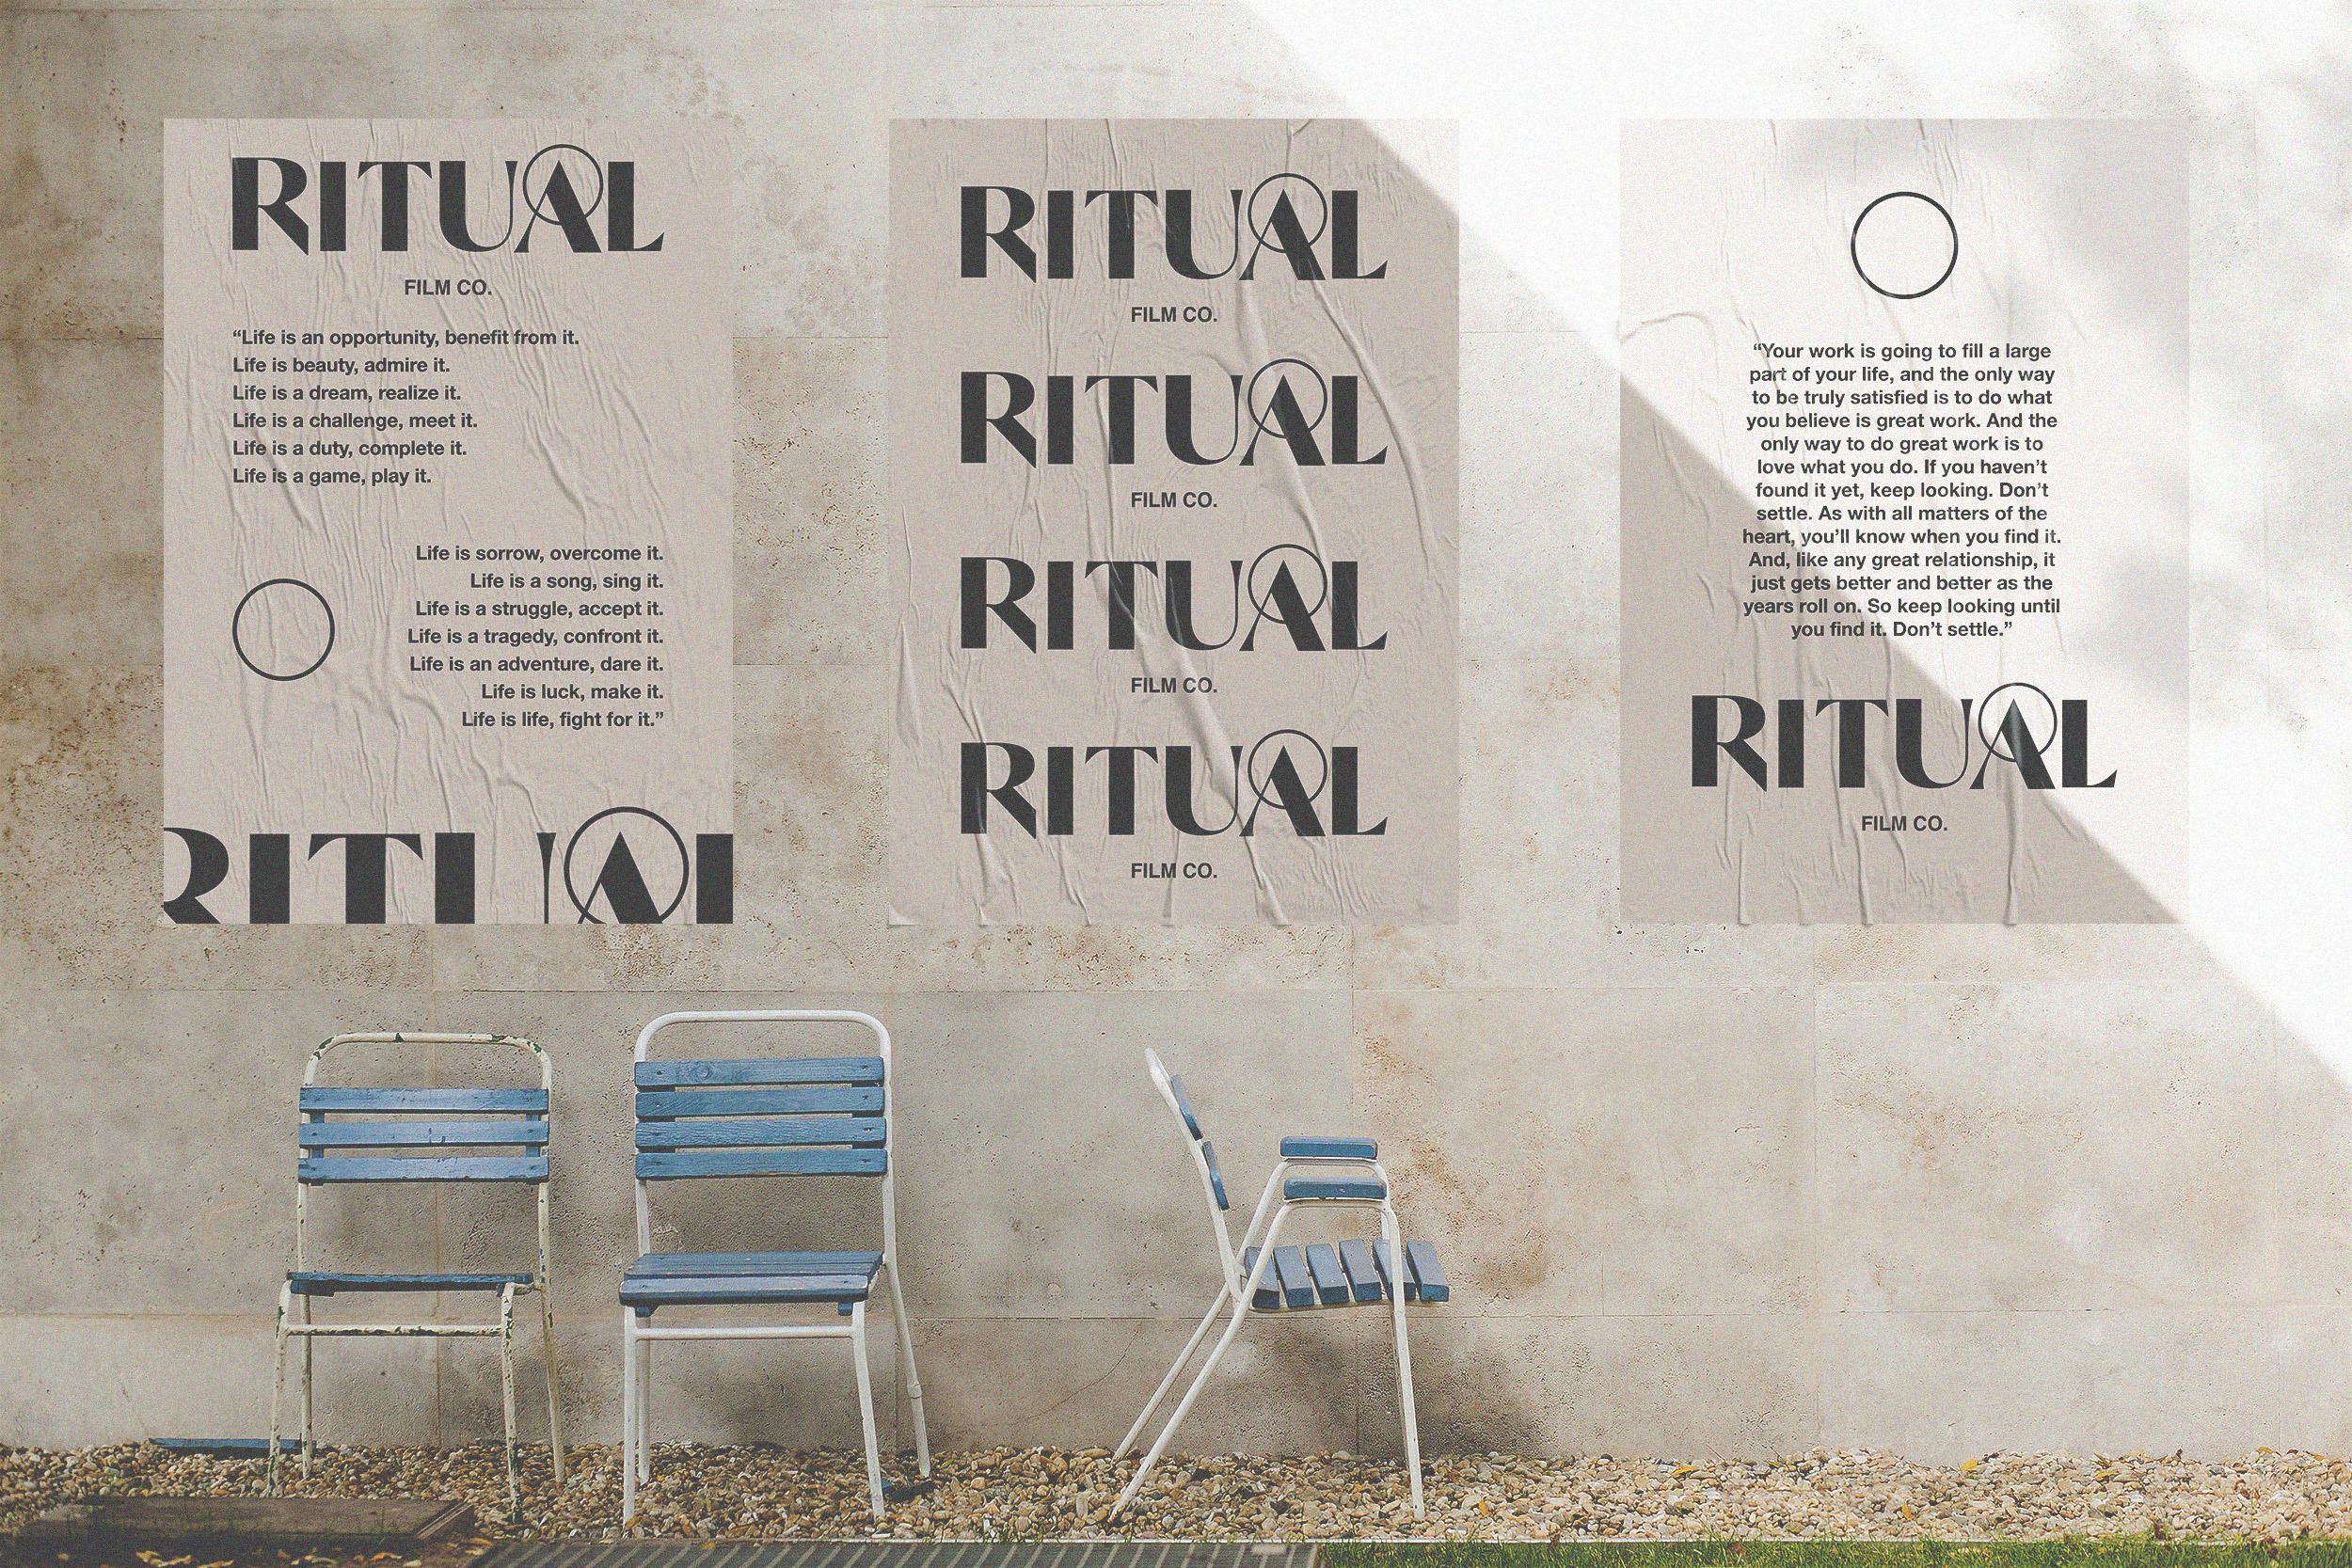 Ritual_poster_mockup.jpg